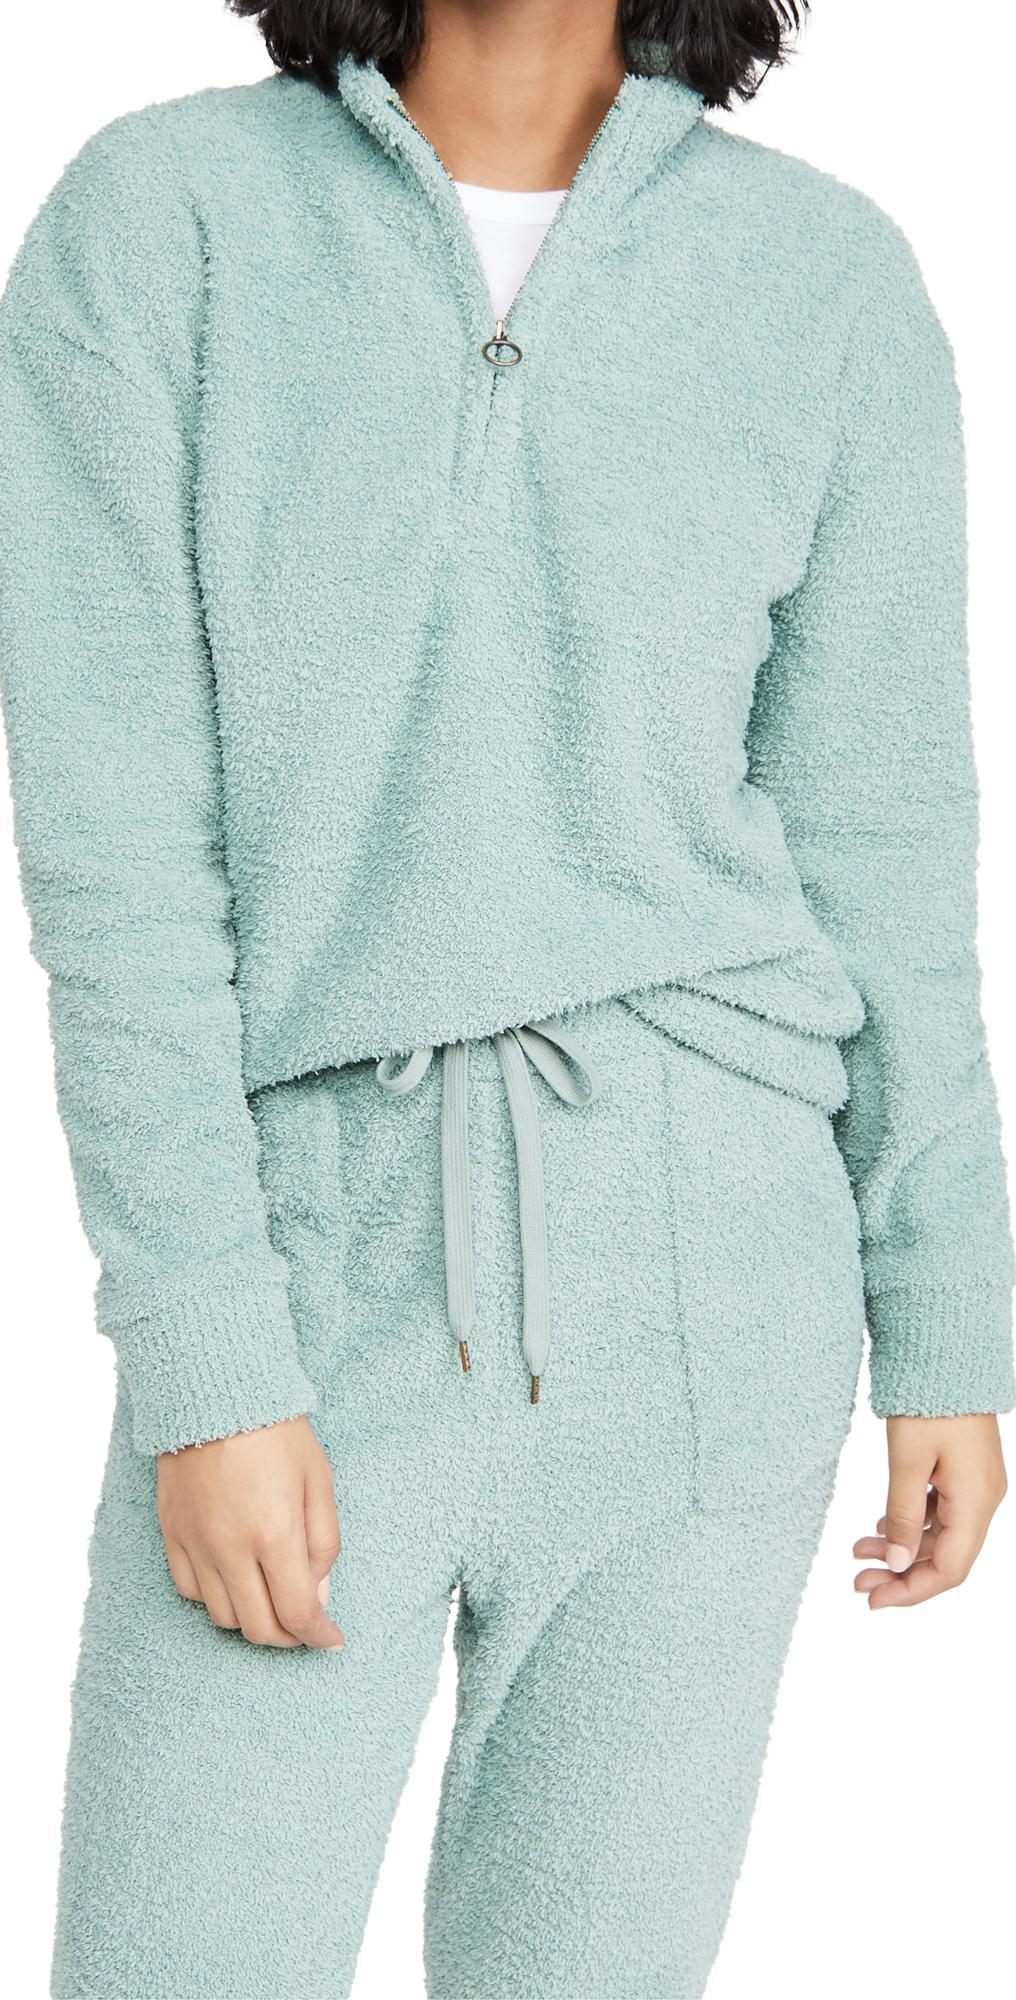 Honeydew Intimates Comfort Queen Half Zip Pullover